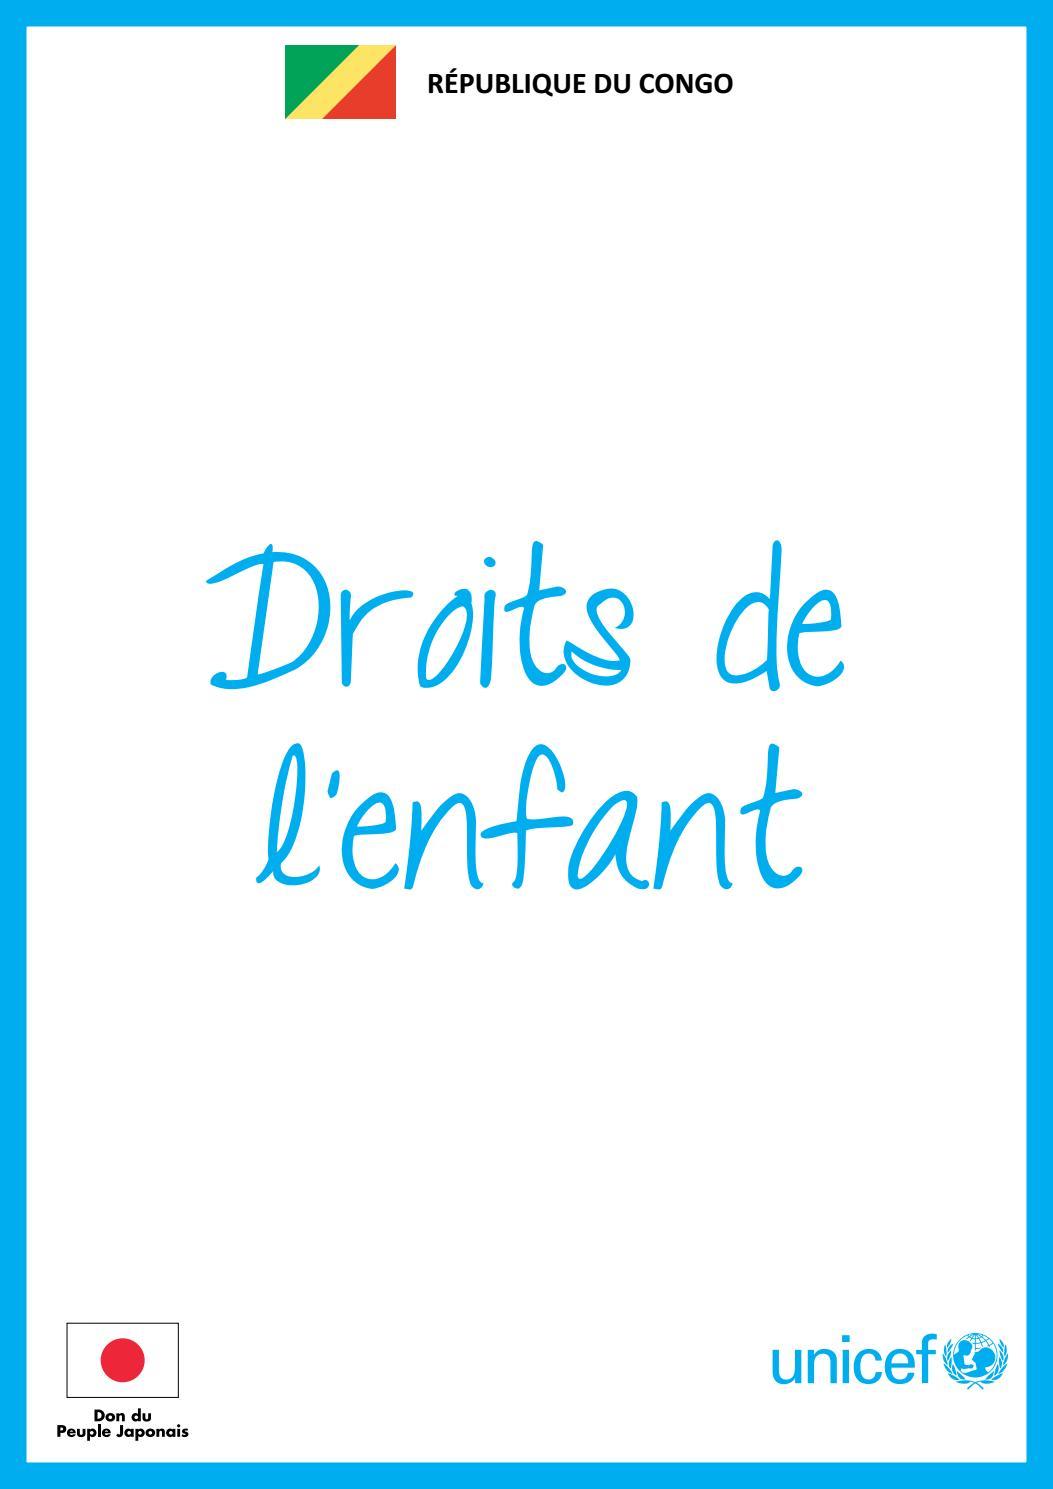 Bien-aimé Boîte à images - Droits de l'enfant by UNICEF Congo Brazza - issuu NJ03